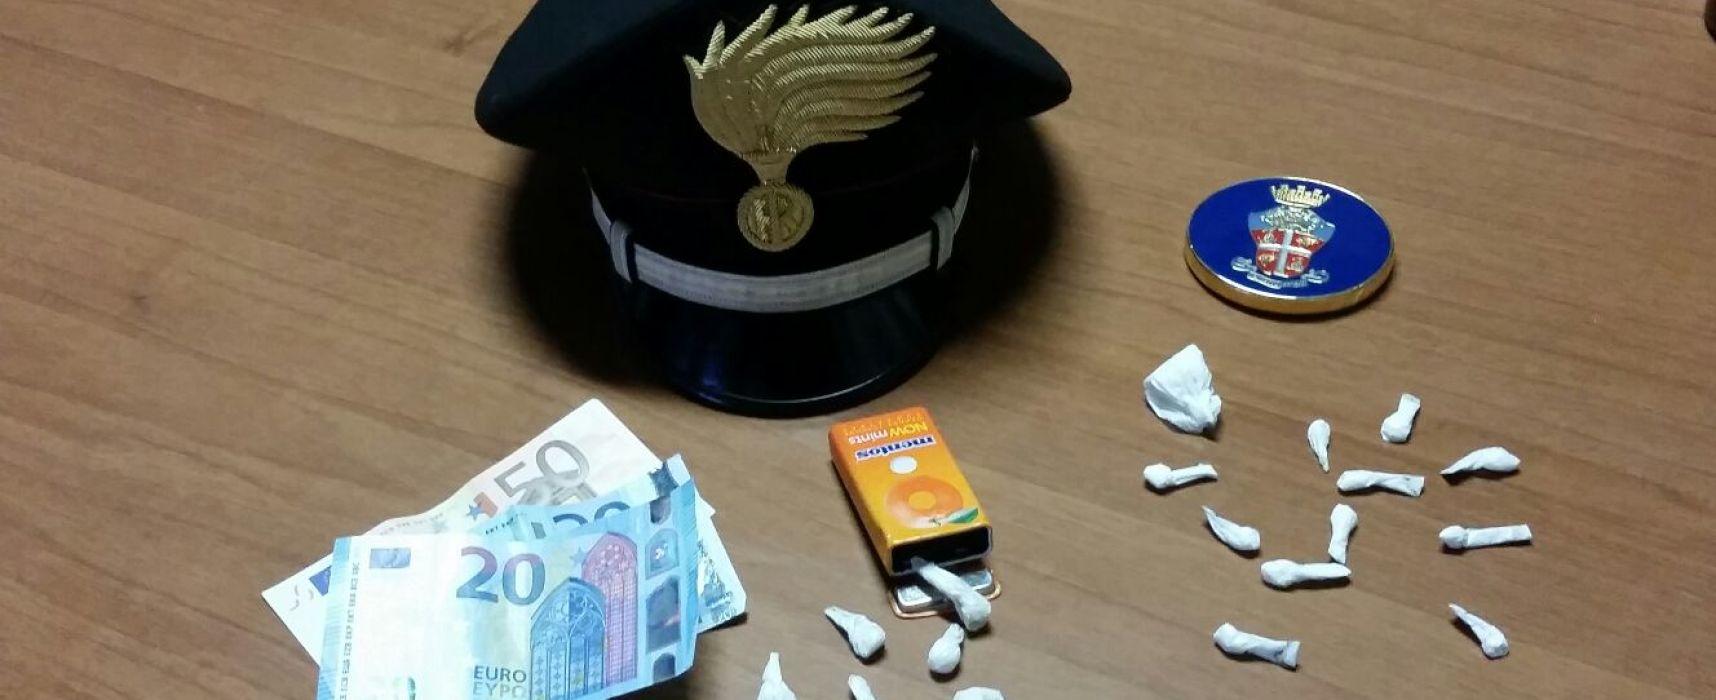 Ragazza di 19 anni arrestata a Lucca. Aveva con sé 8 dosi di cocaina e 14 dosi di eroina